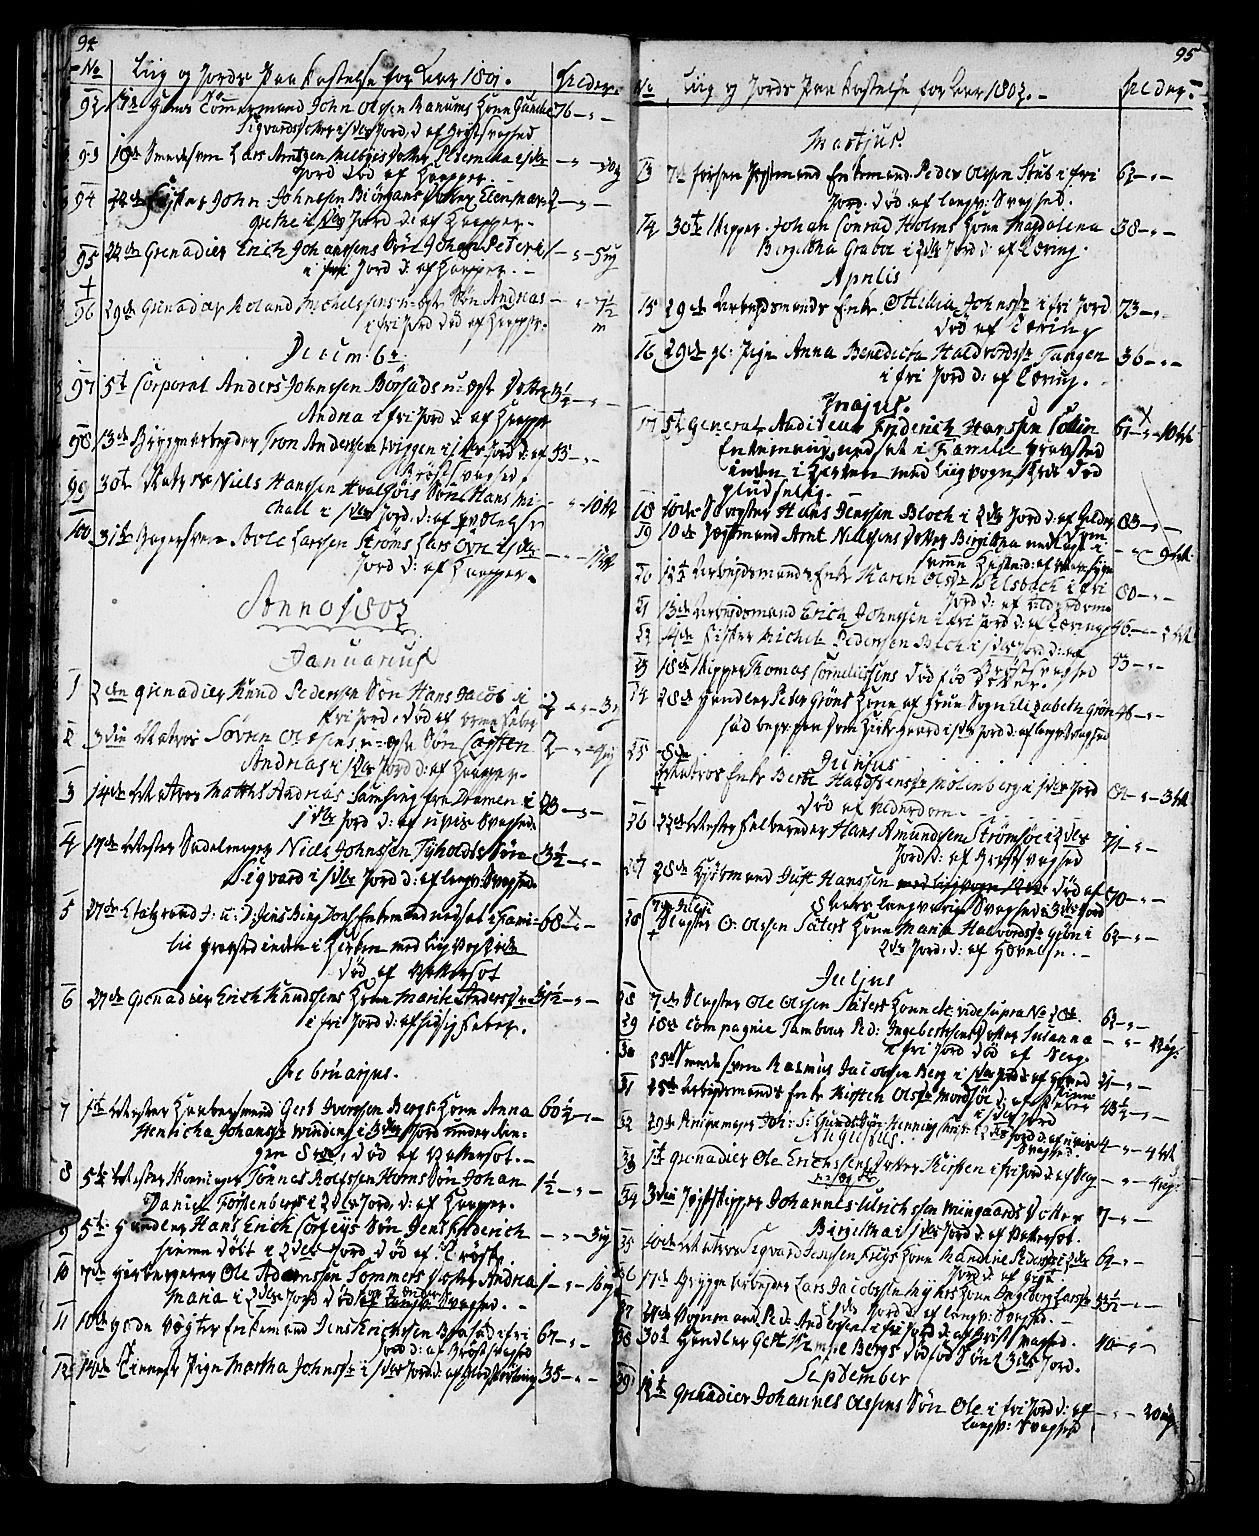 SAT, Ministerialprotokoller, klokkerbøker og fødselsregistre - Sør-Trøndelag, 602/L0134: Klokkerbok nr. 602C02, 1759-1812, s. 94-95